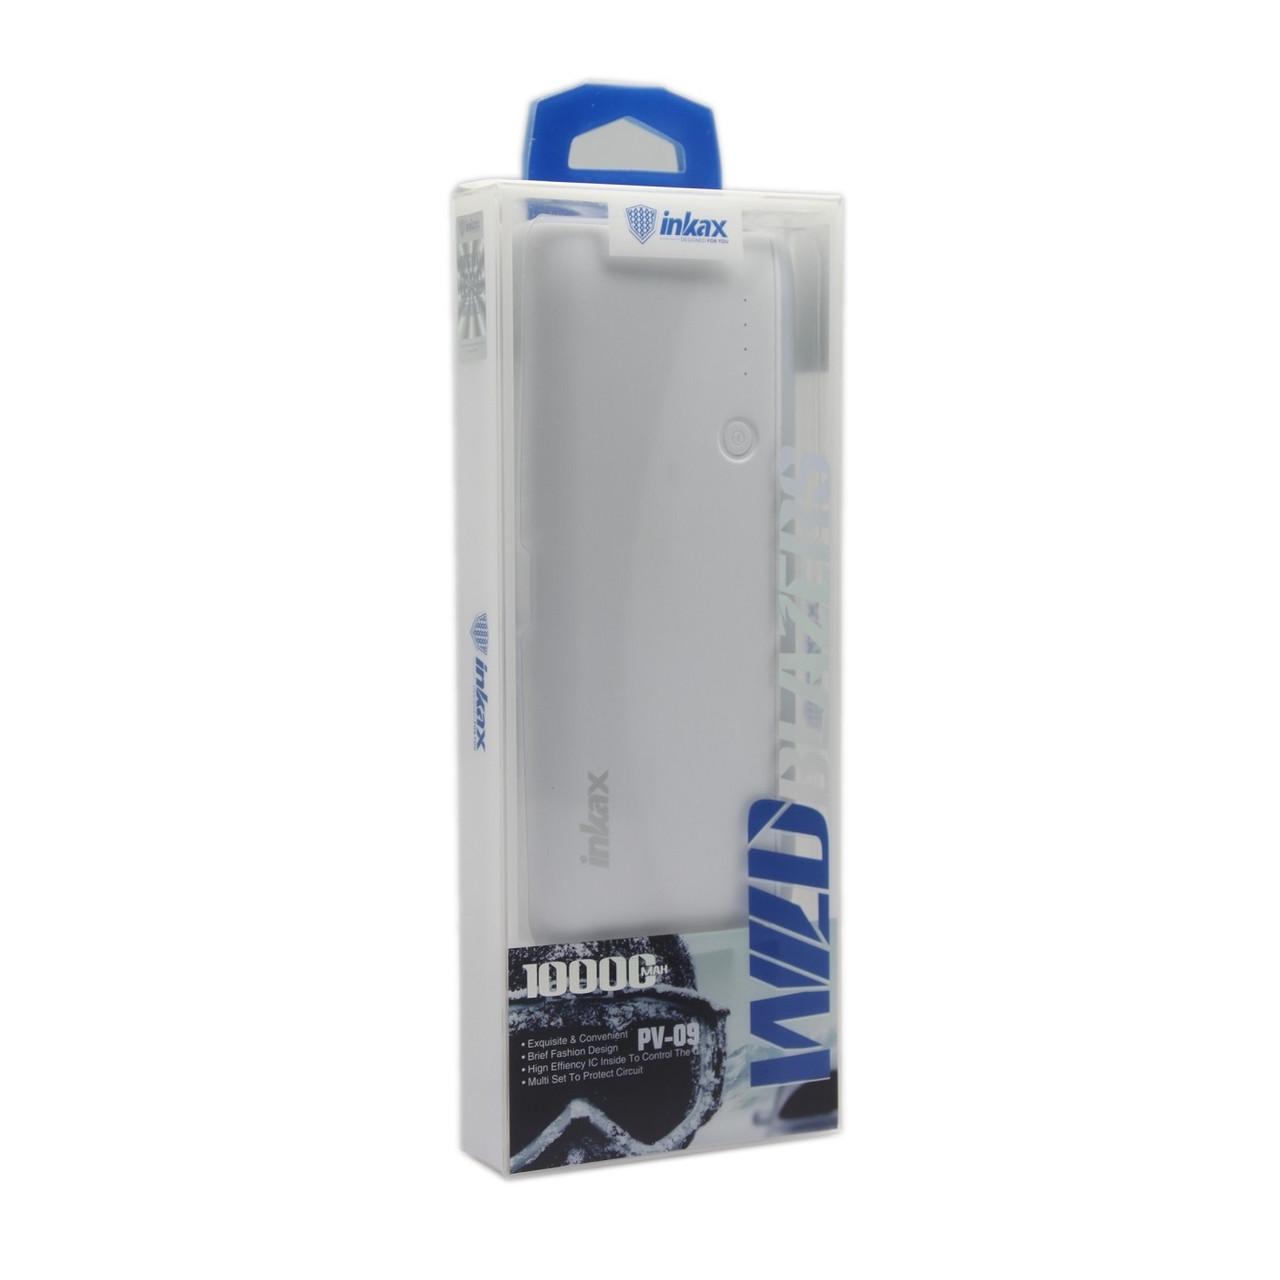 Внешний аккумулятор Power Bank Inkax PV-09 9000 Mah